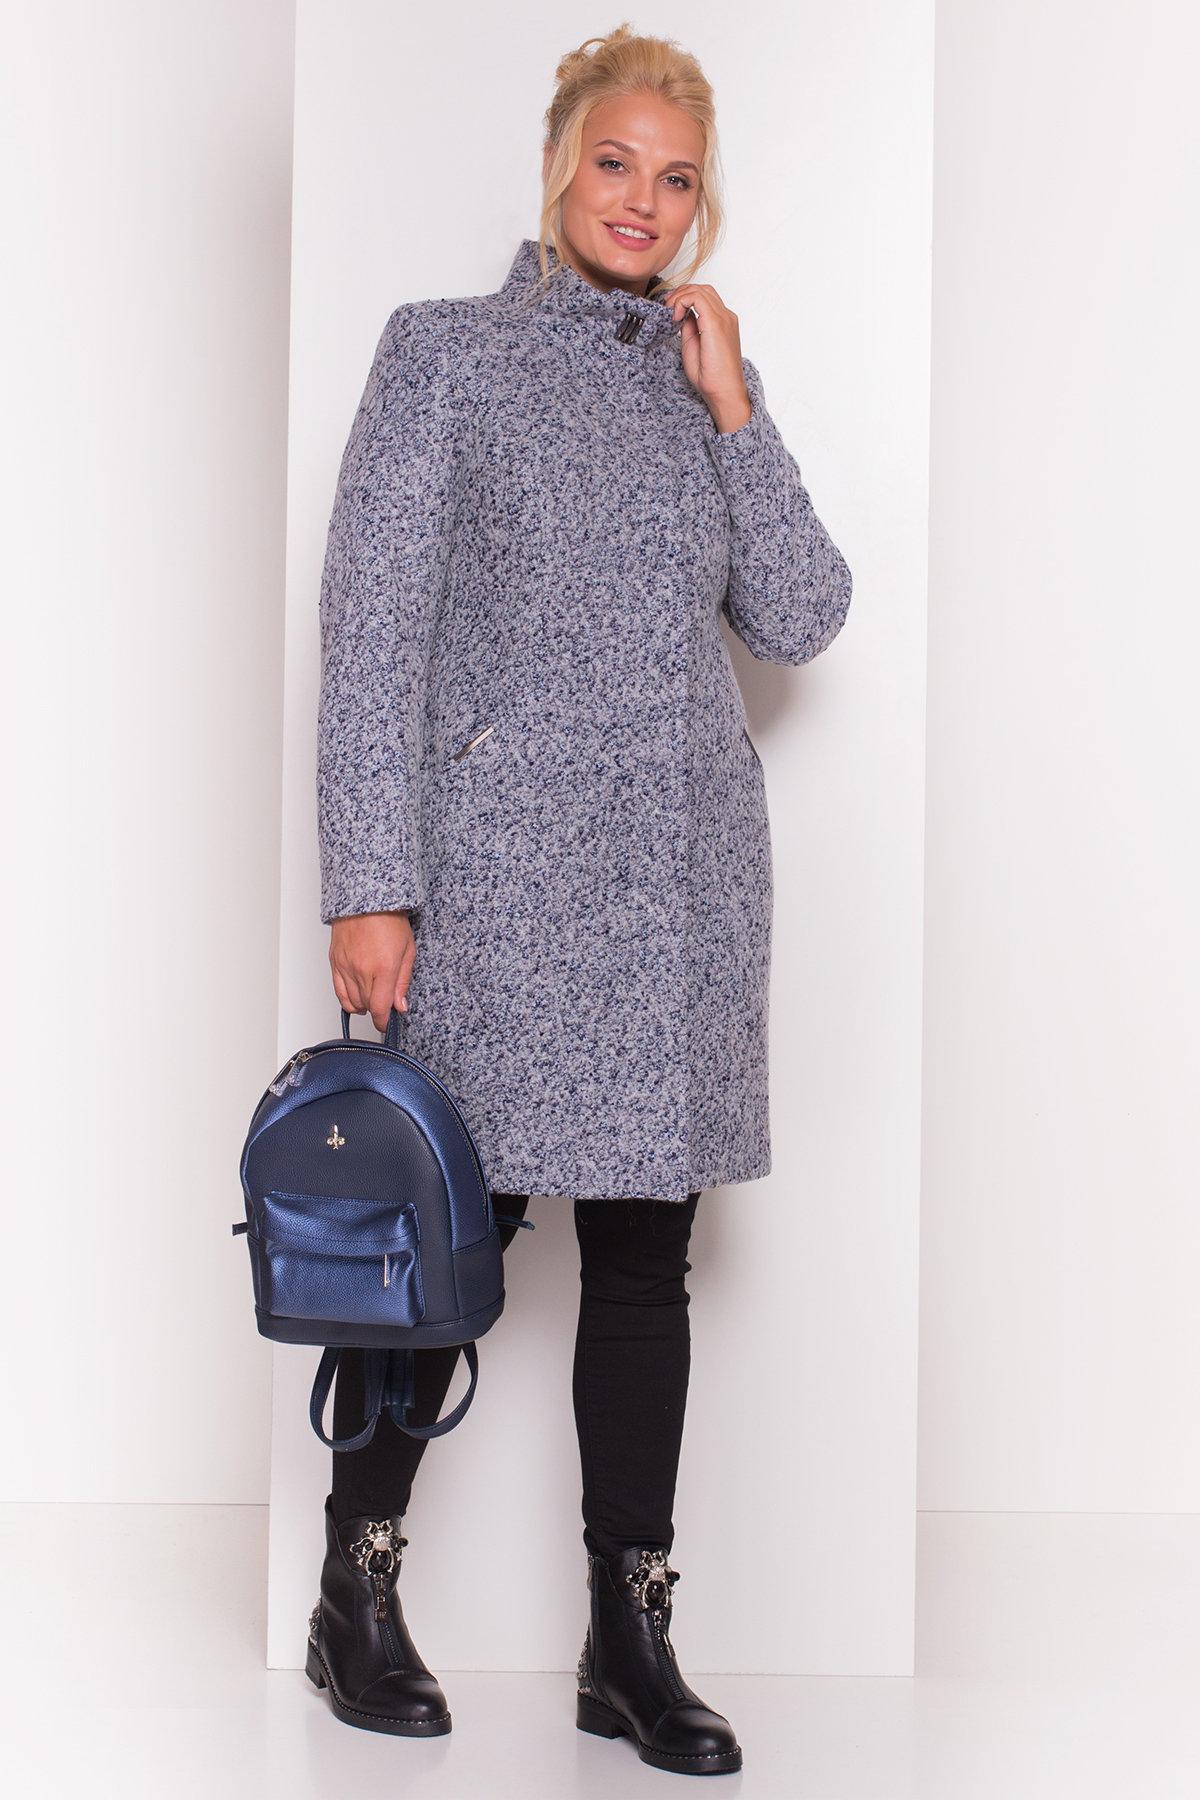 Пальто зима Луара Donna 3685 АРТ. 19181 Цвет: Серый/голубой - фото 2, интернет магазин tm-modus.ru